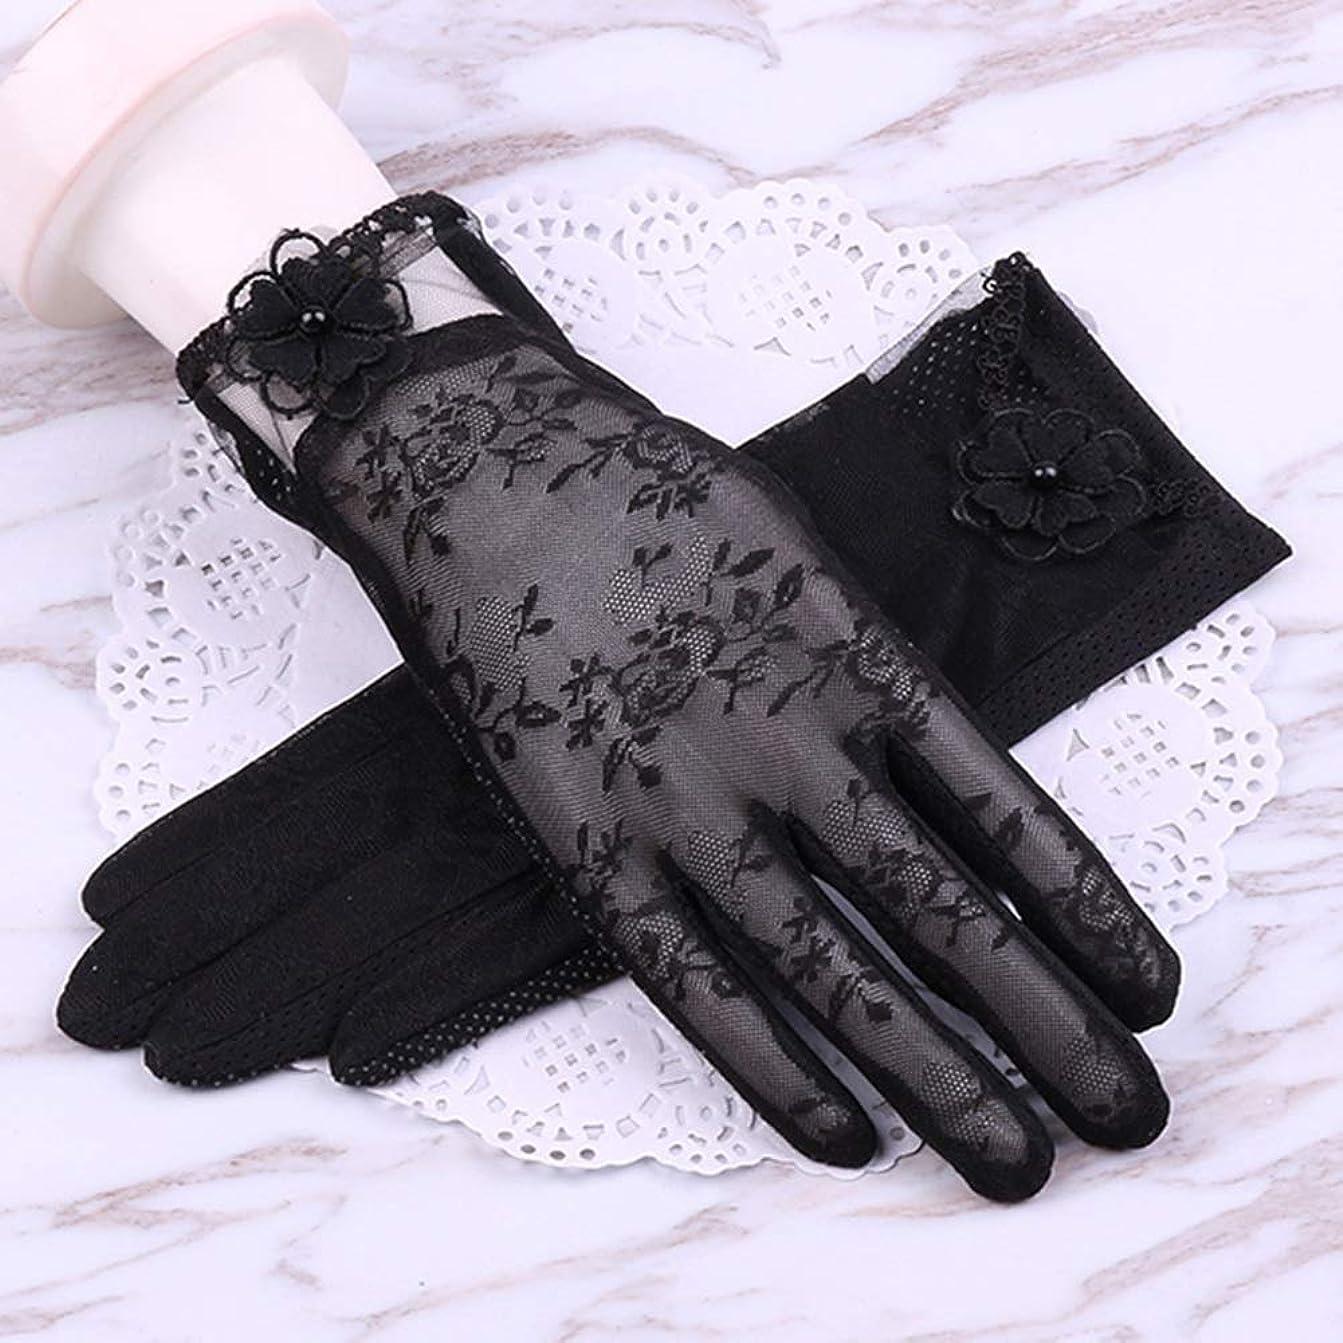 レイアウト盆地ヘッジ手袋の女性の日よけの日焼け止めの手袋薄い夏の短いレースのスキッドドライビングアイスシルク手袋